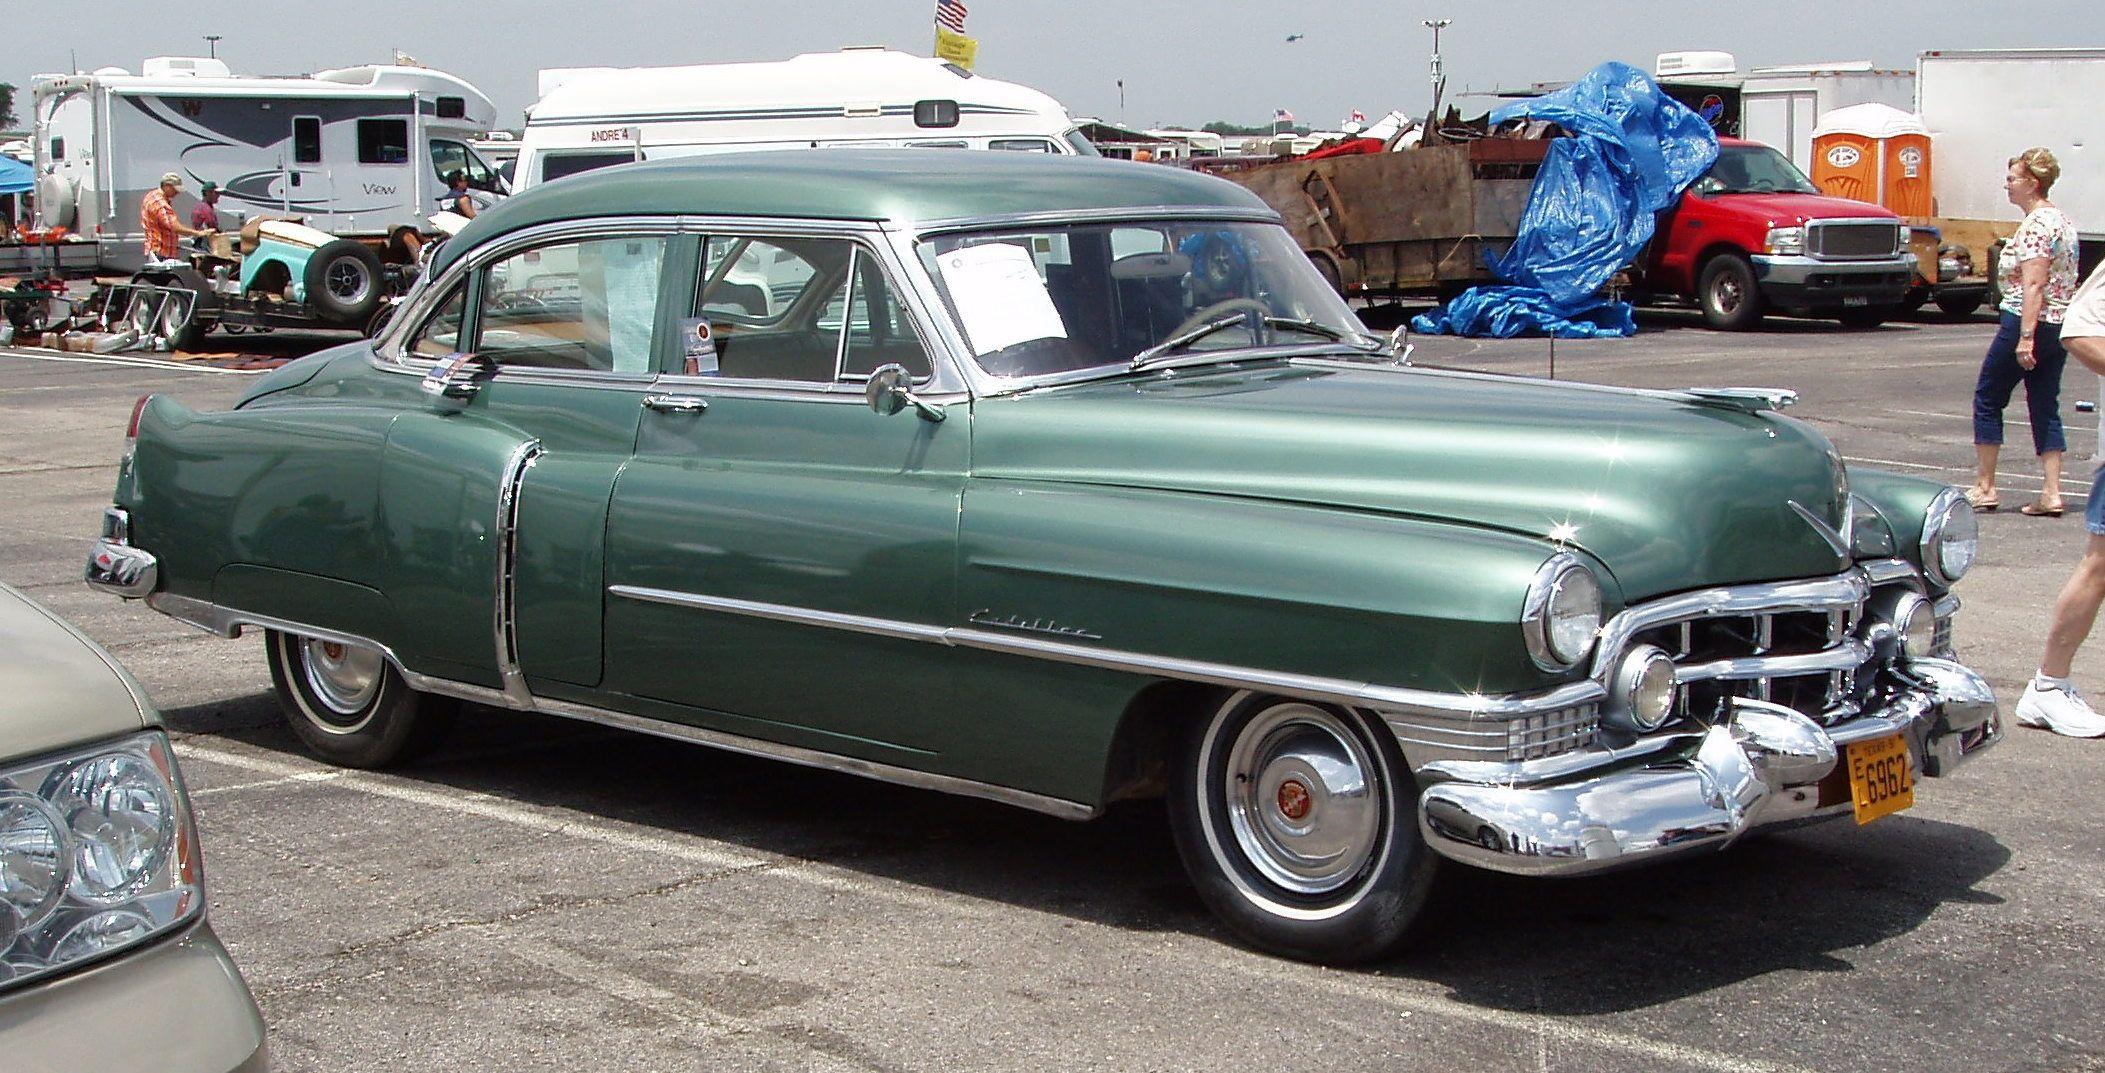 1951 Cadillac Series 62 Sedan American Autos 1949 1953 Fleetwood 60 Special